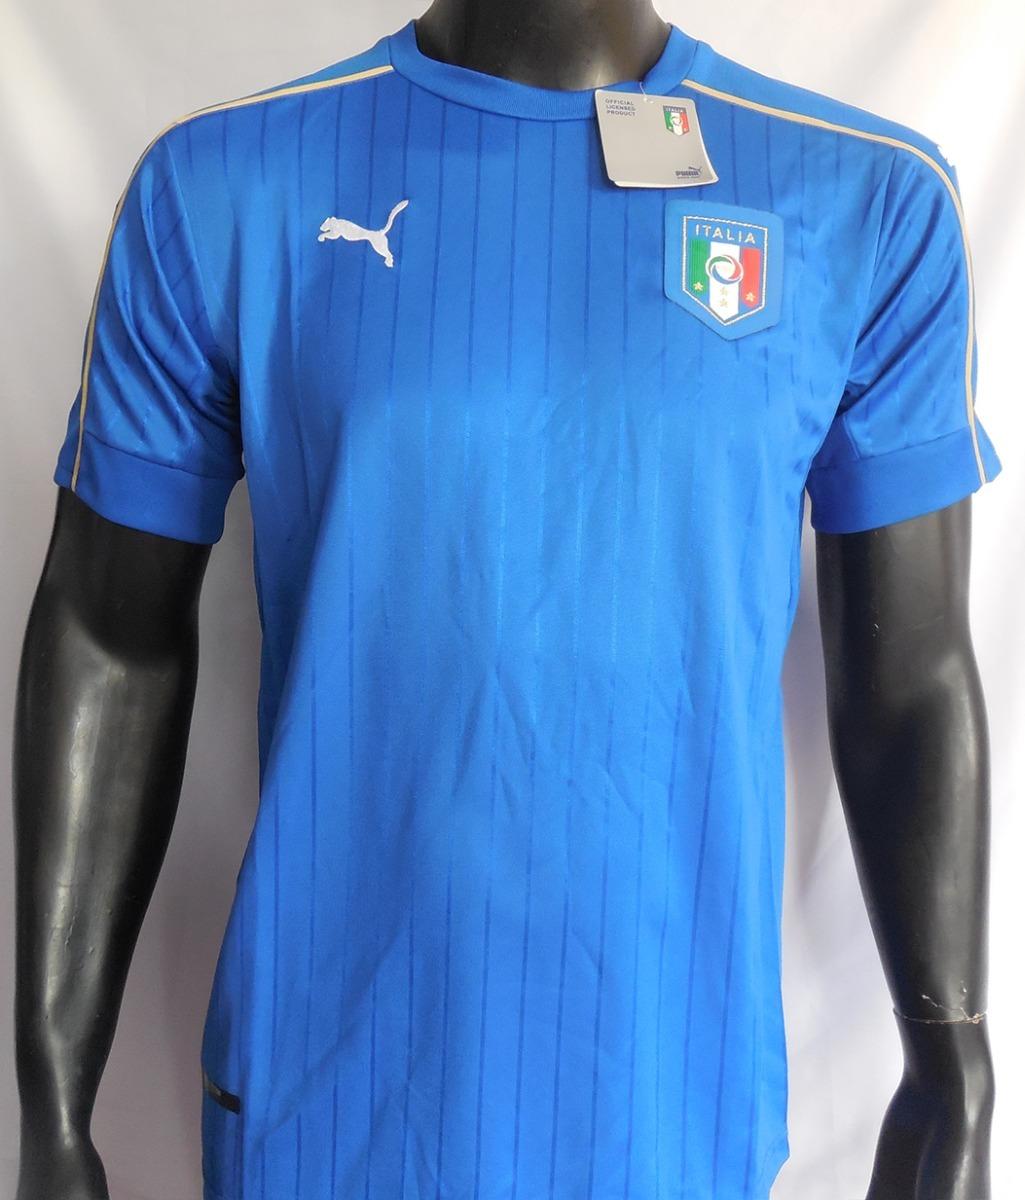 16a751ed7a camiseta italia 2016 home eurocopa puma. Cargando zoom.